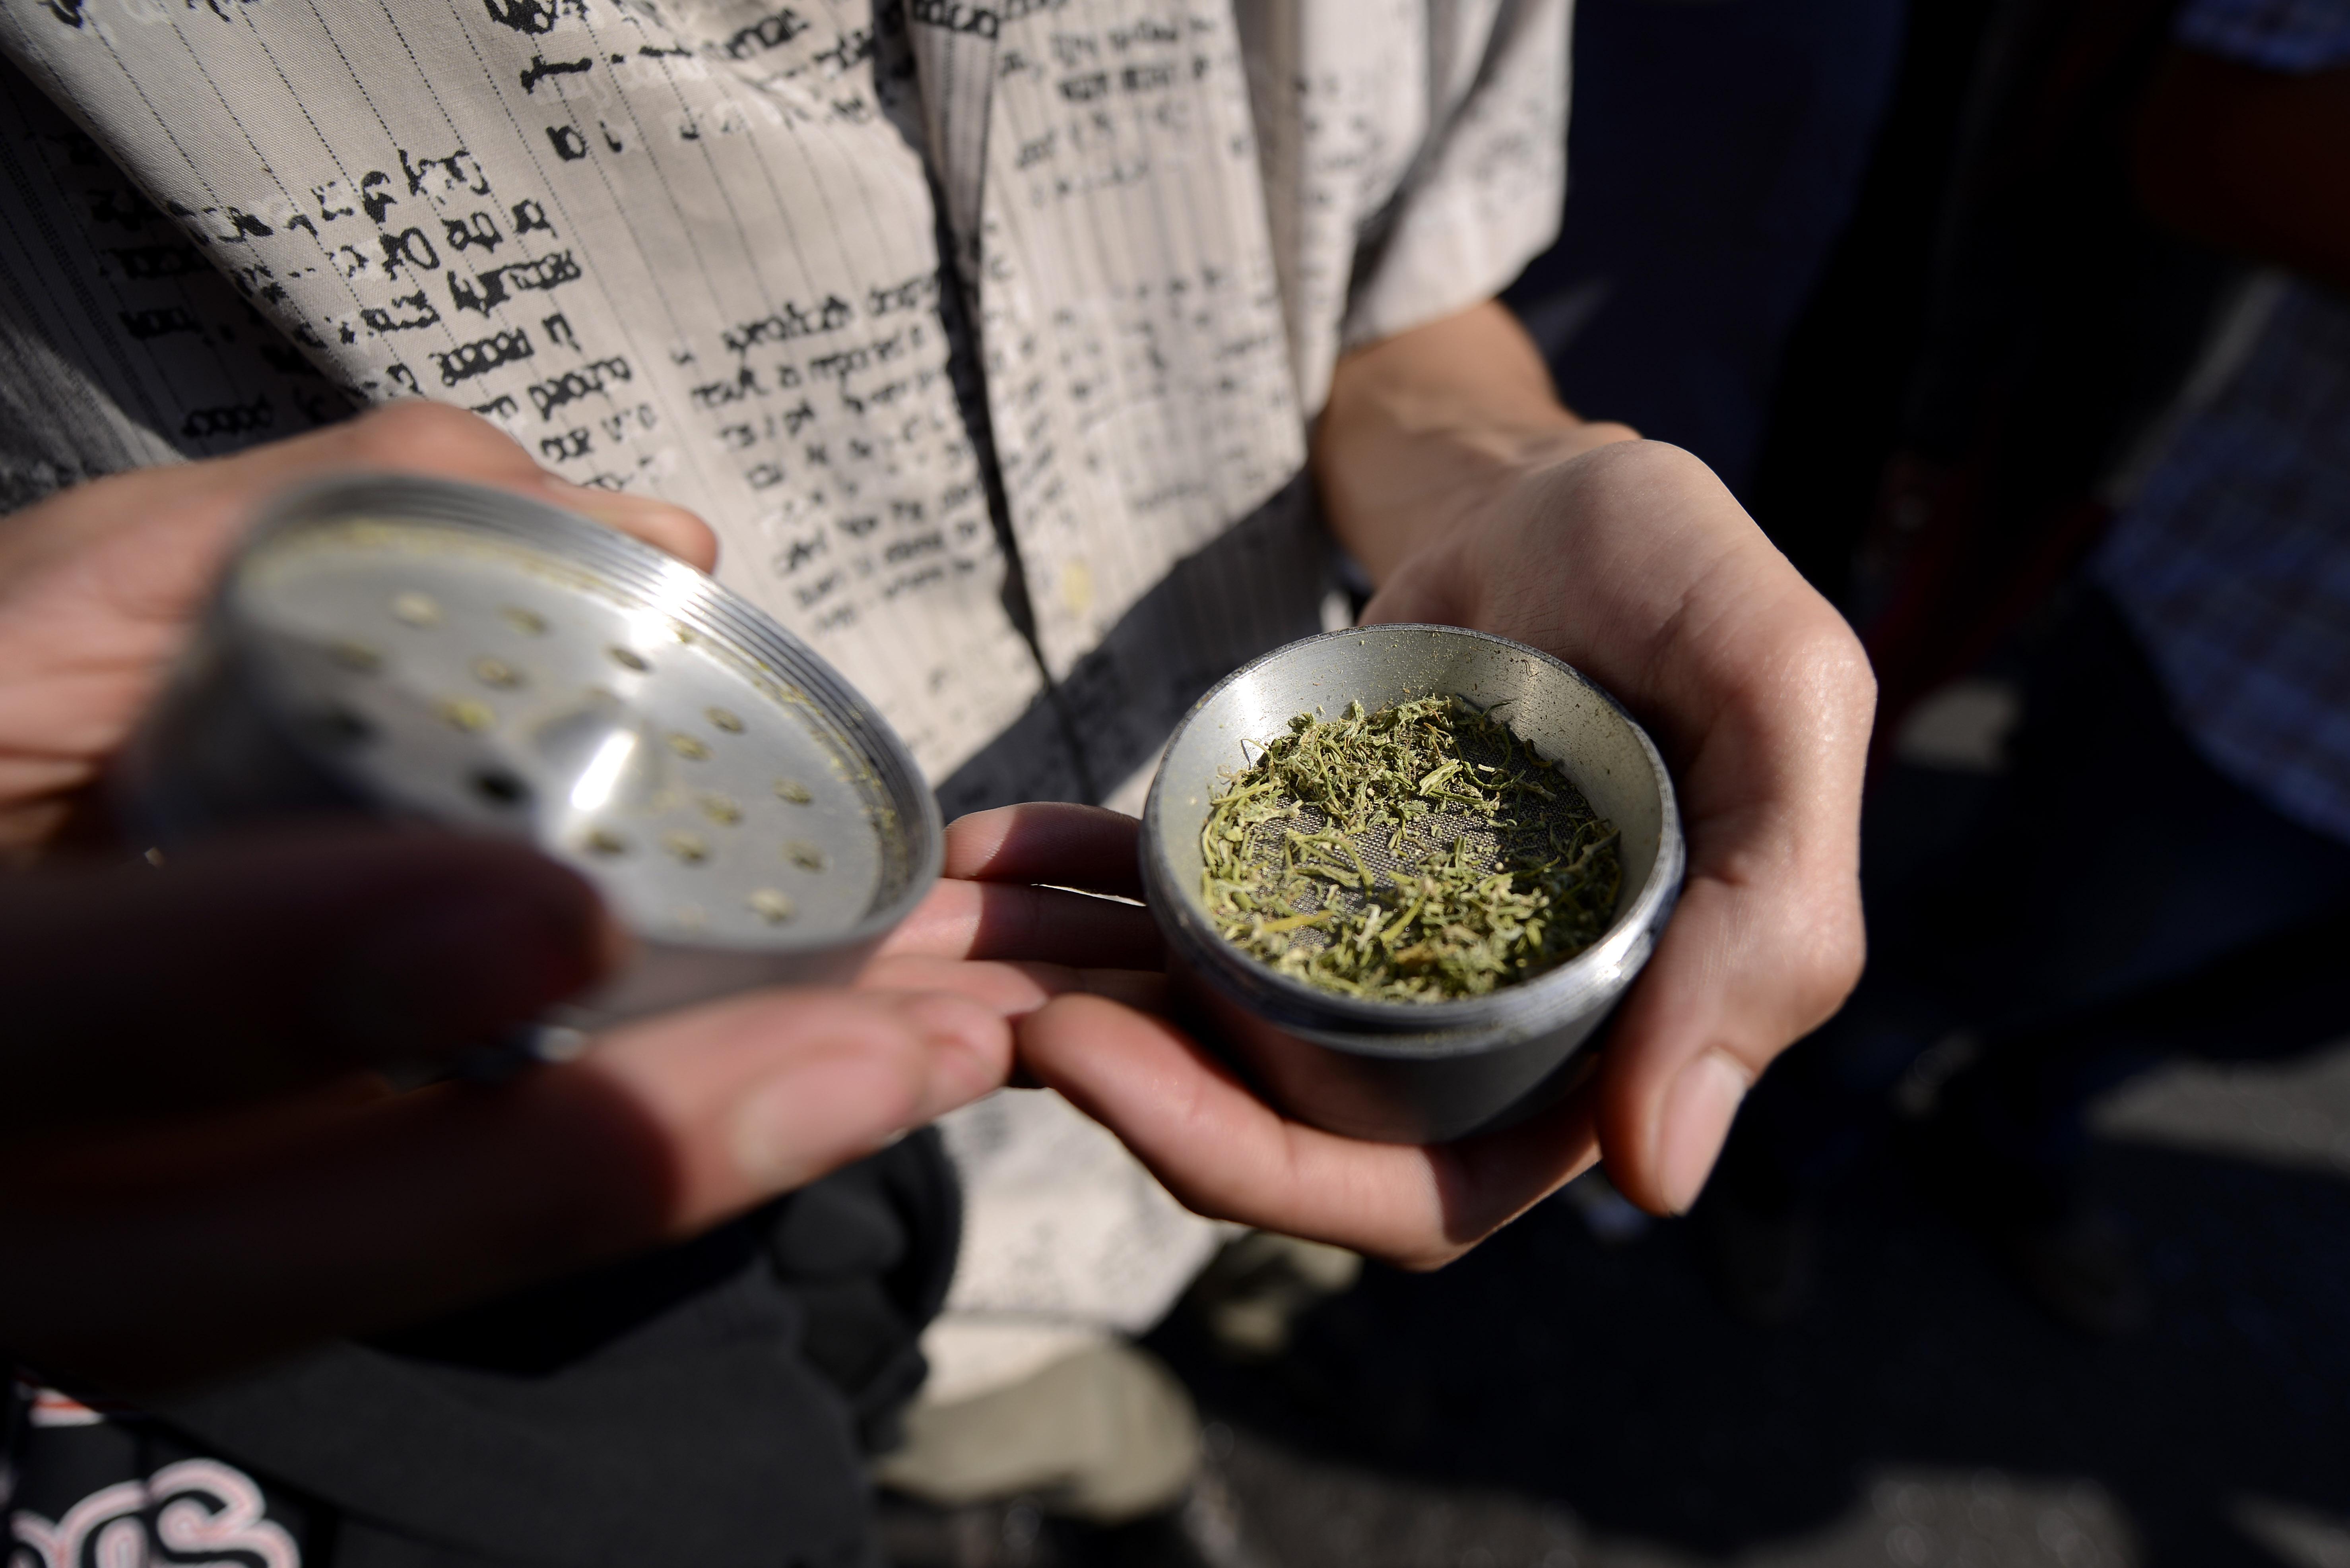 Chileno arriesga hasta 15 años de cárcel por portar cinco semillas de marihuana en Indonesia